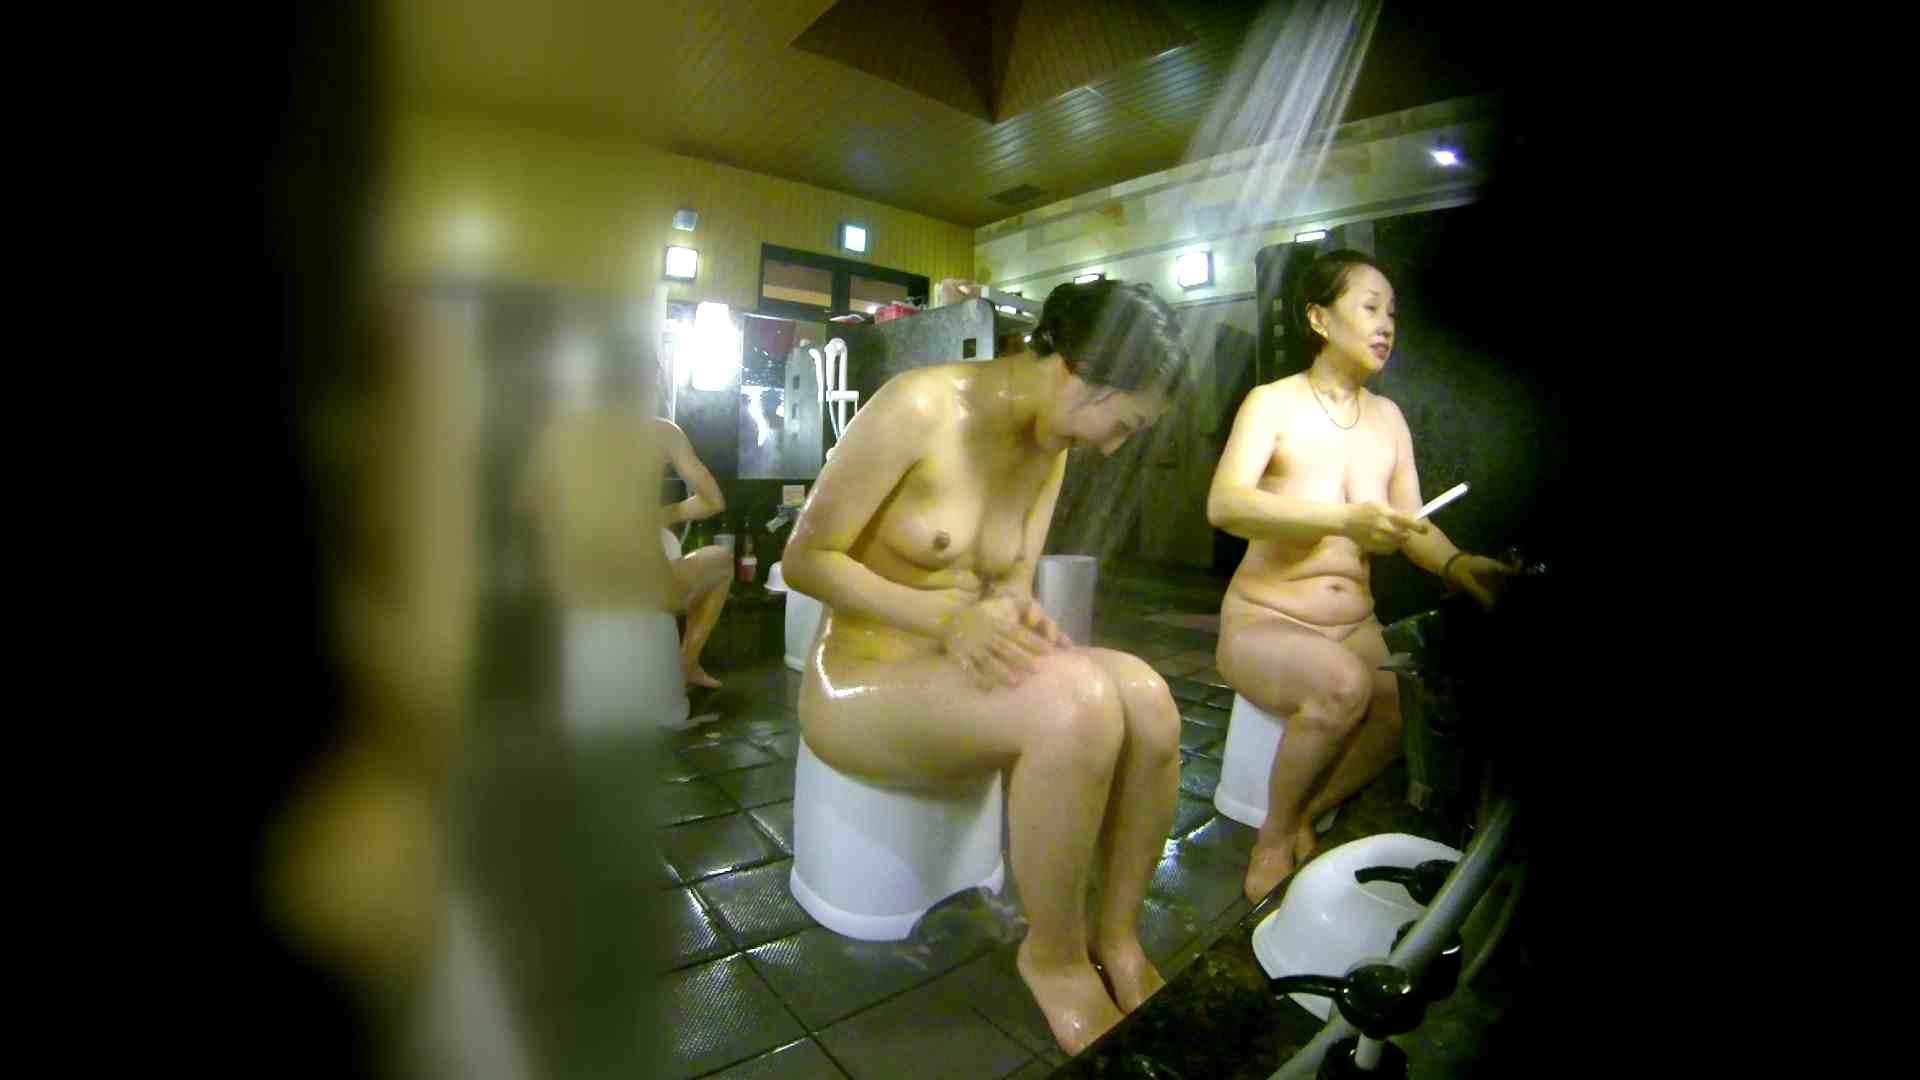 洗い場!右足の位置がいいですね。陰毛もっさり! 潜入 おまんこ動画流出 113pic 56